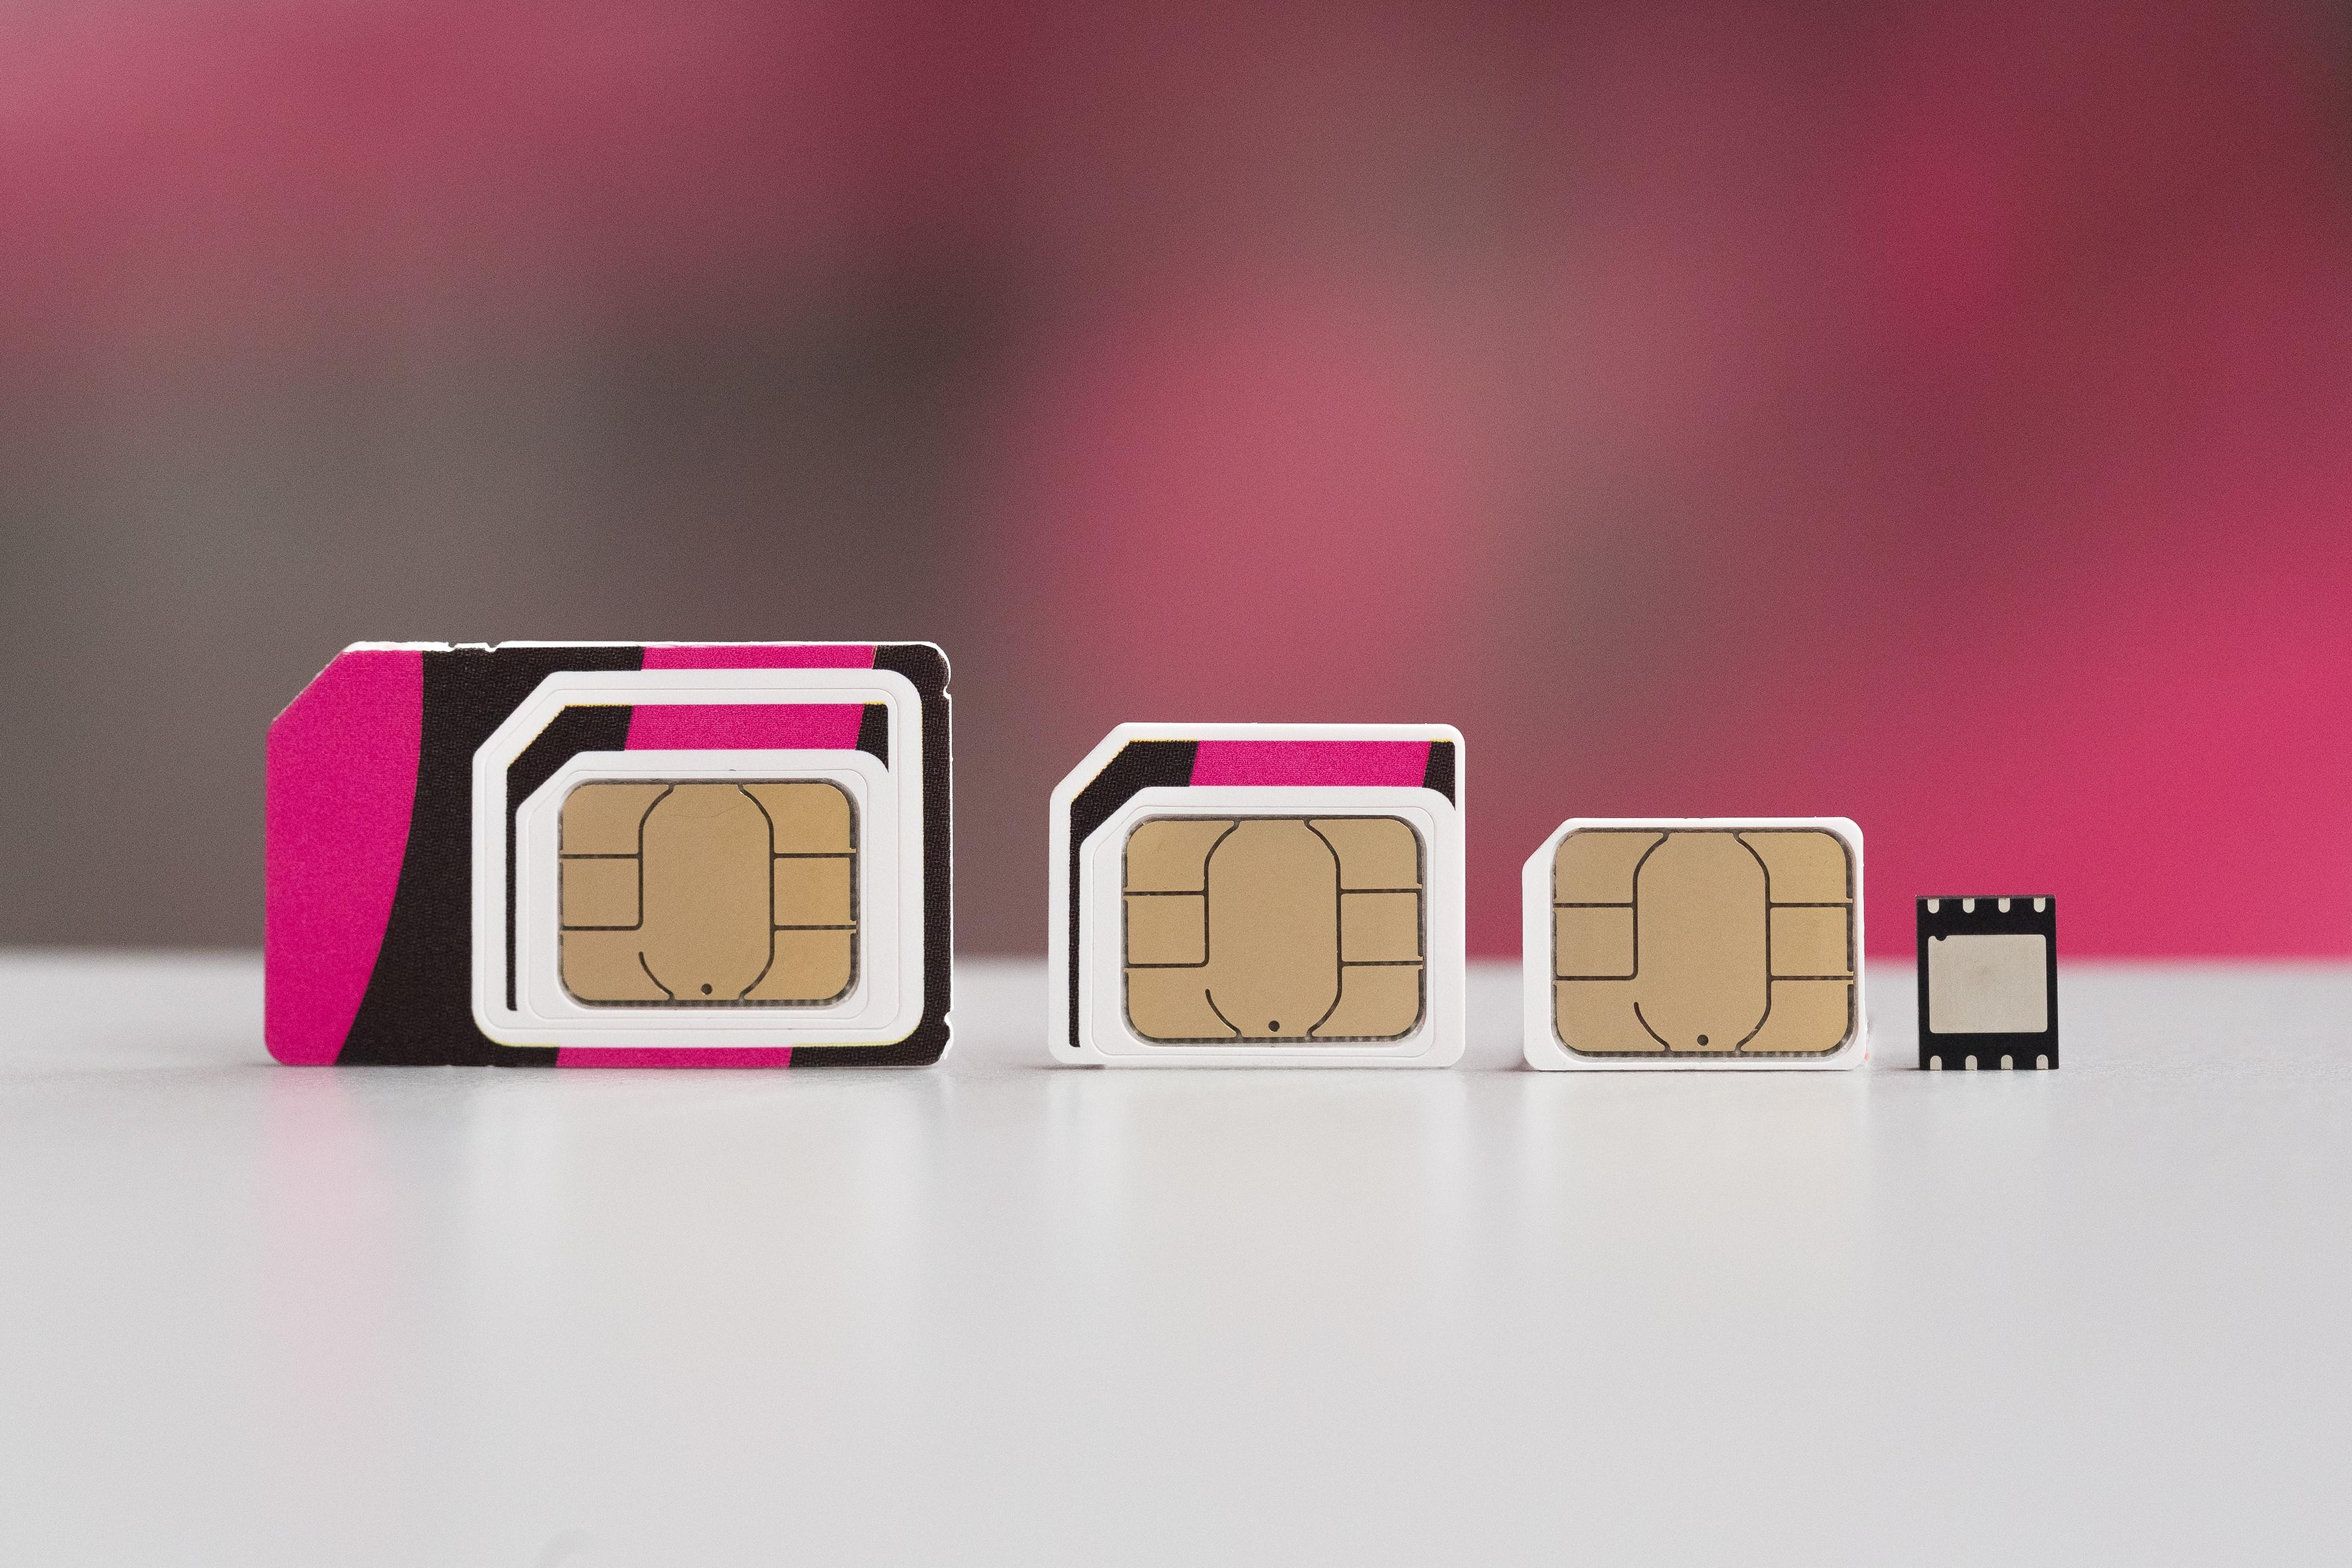 Přichází nová generace eSIM karet, změny uvidíme již v příštím roce